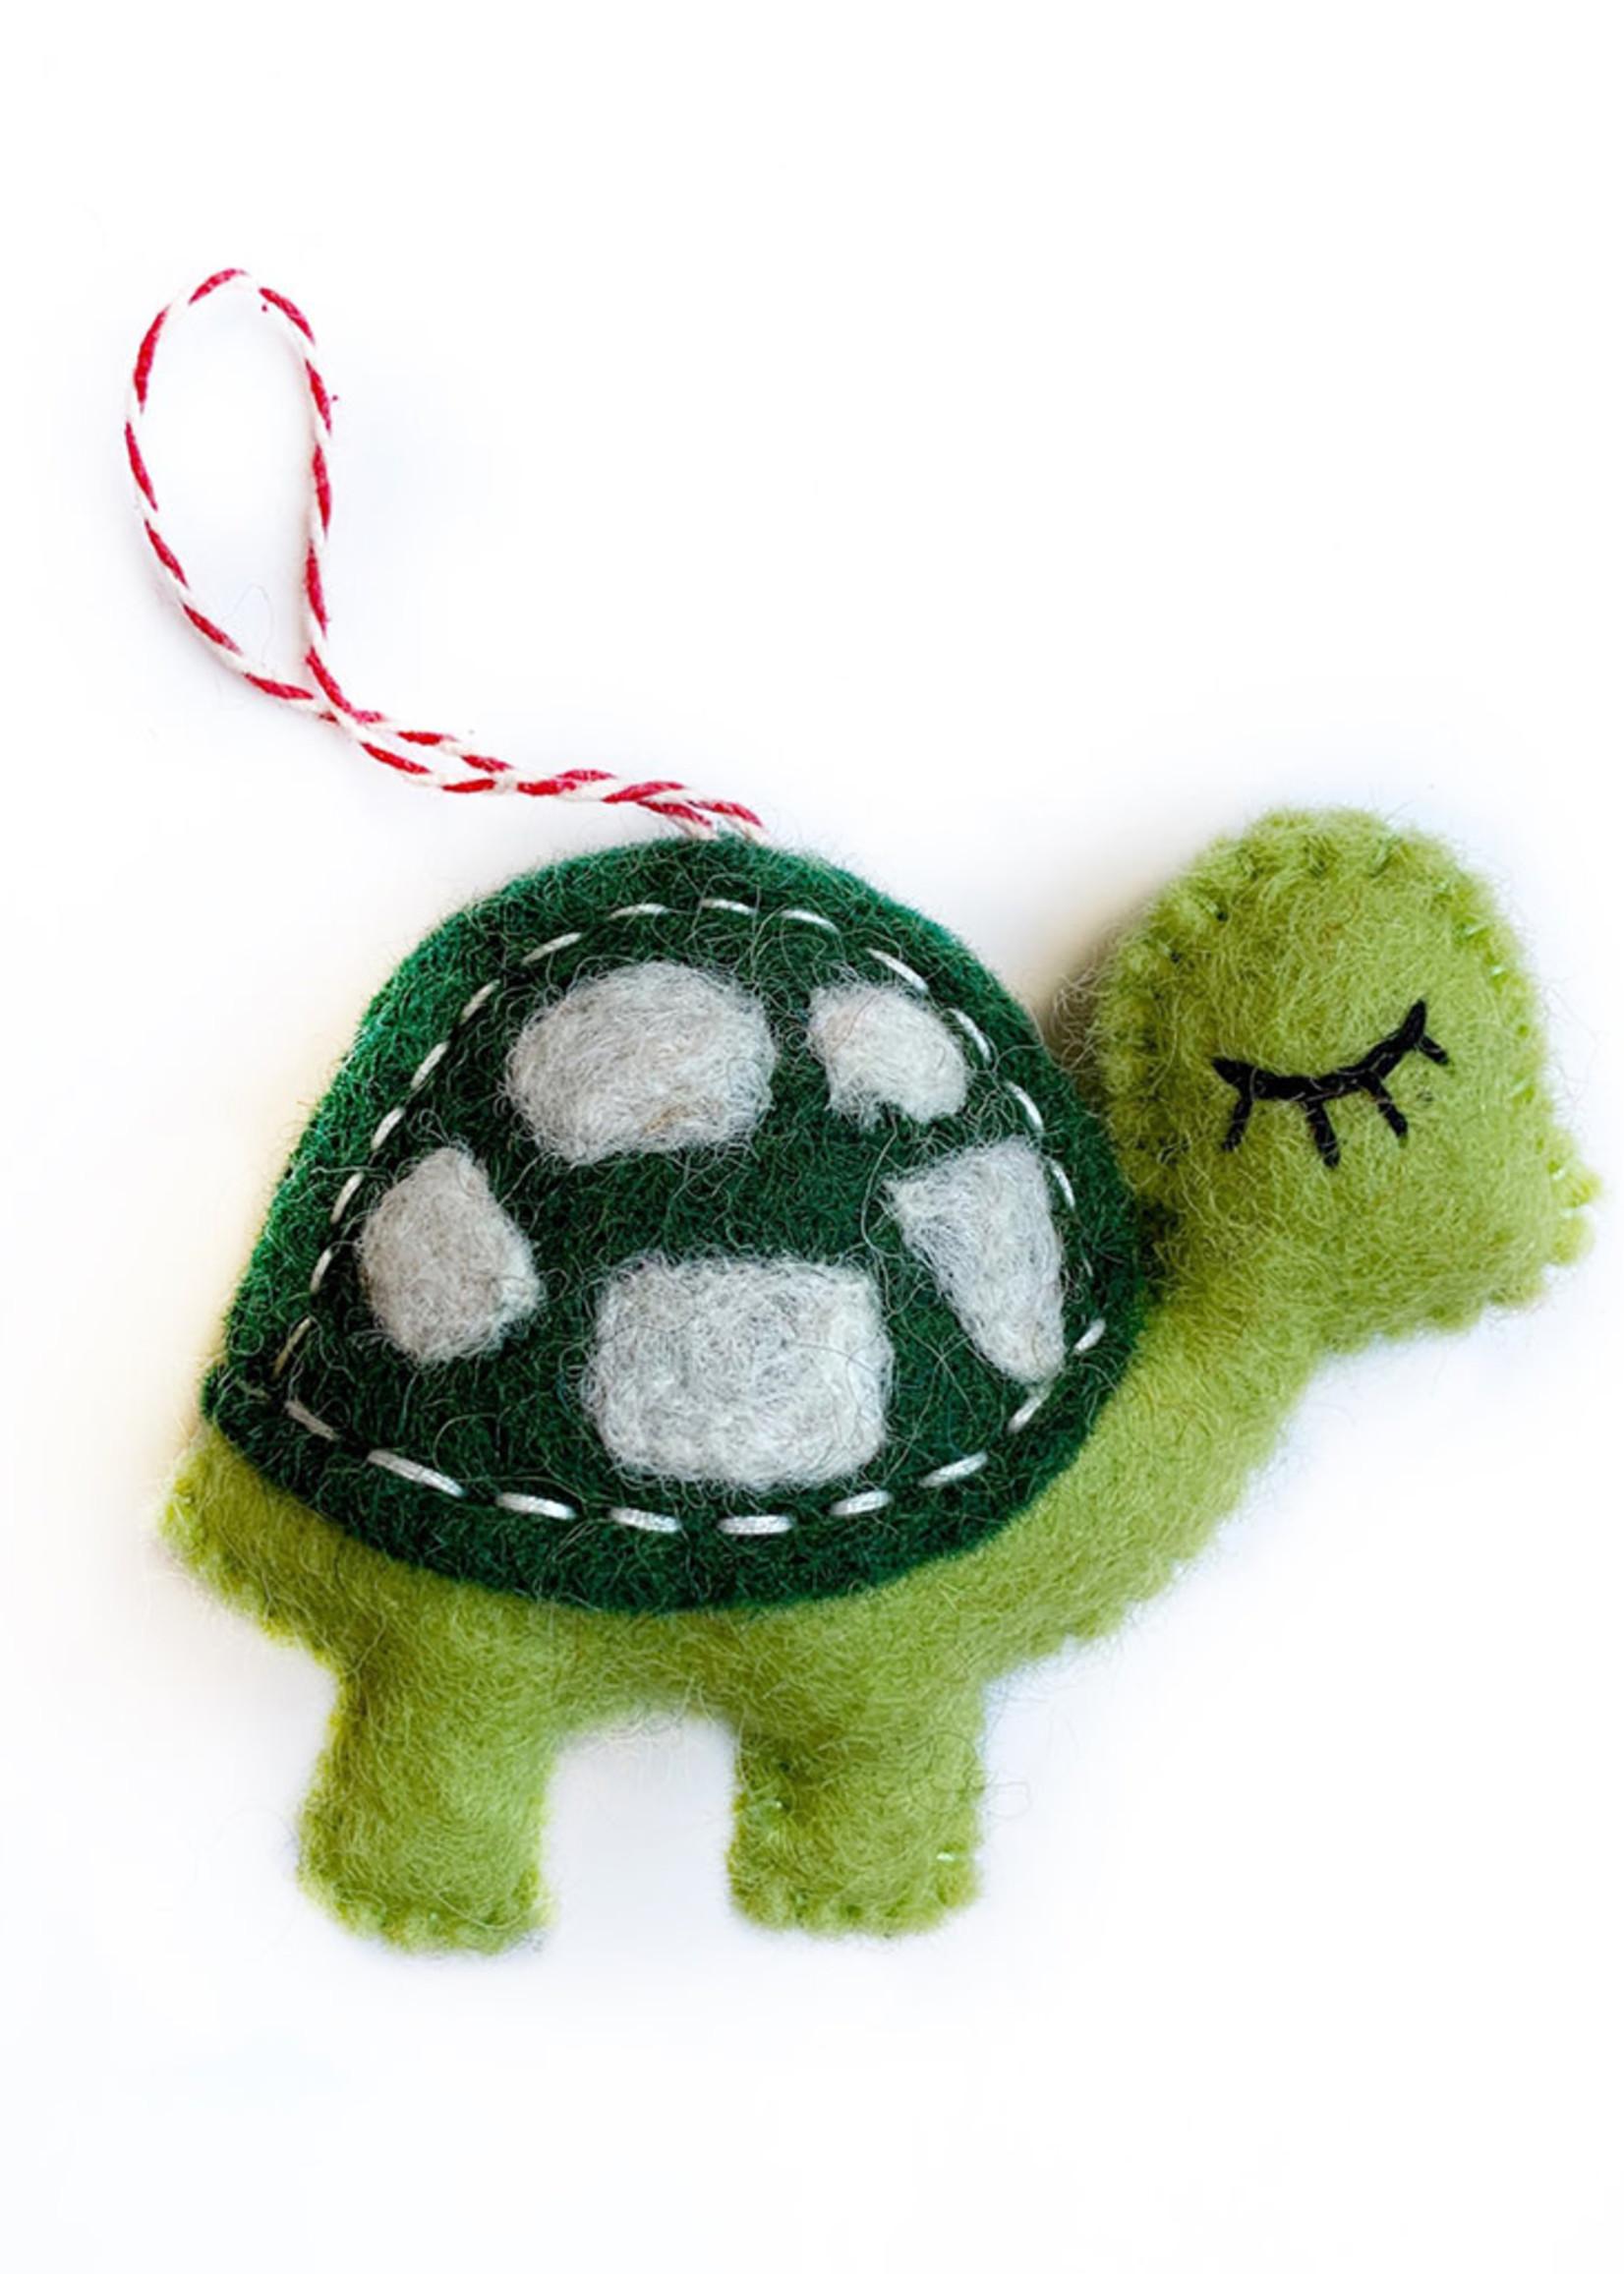 Felt Turtle Ornament